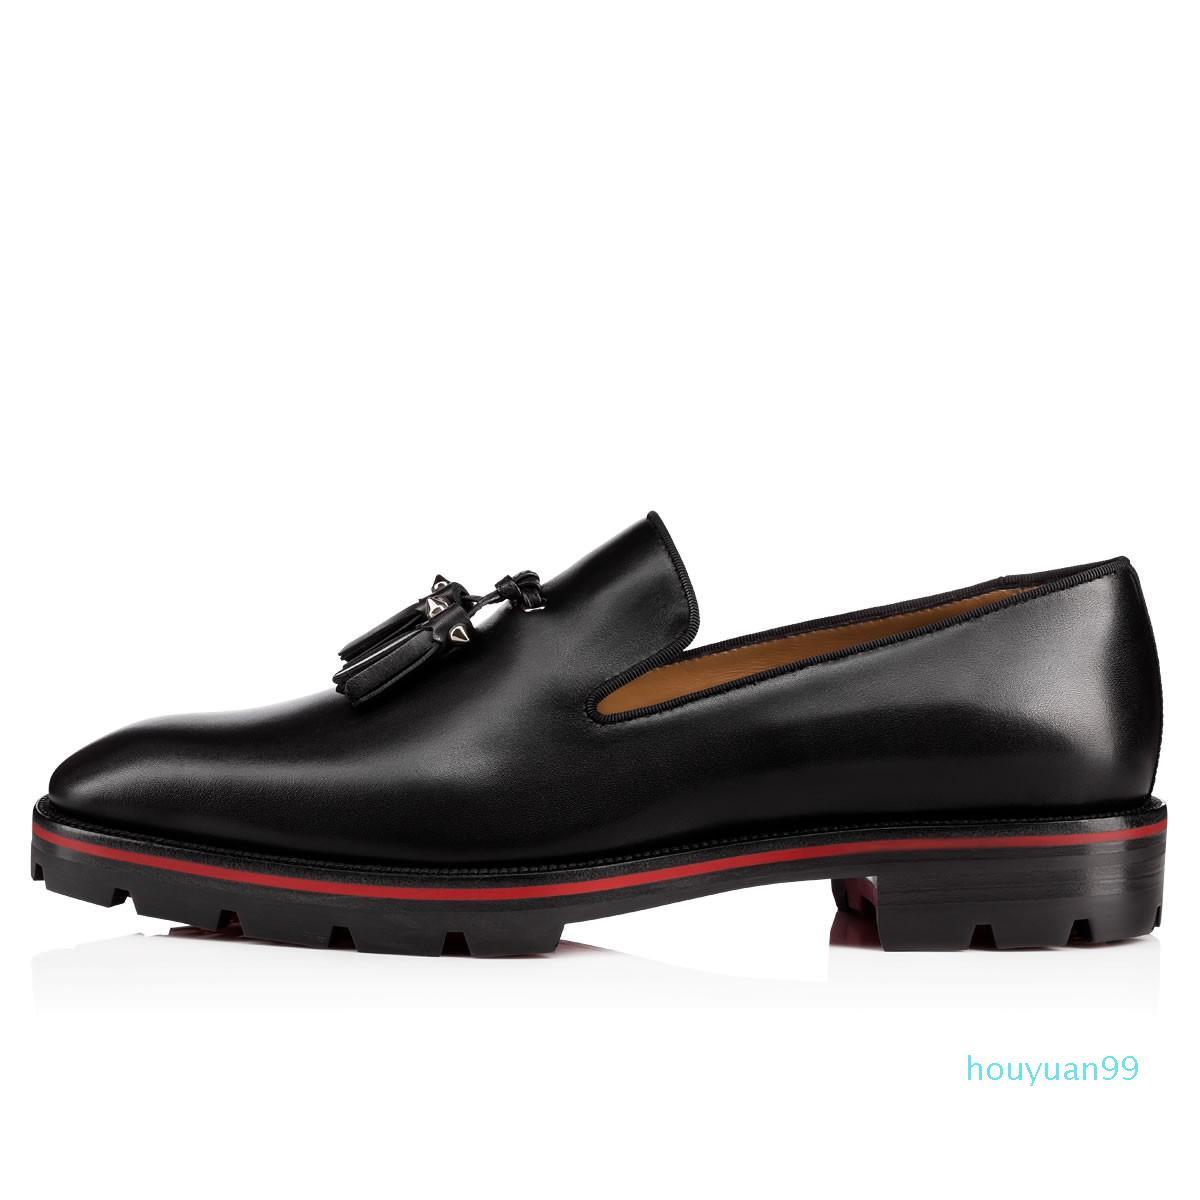 2020 mode hommes nouveaux chaussures habillées en cuir noir mocassins pic chaussures formelles stud hommes chaussures d'affaires semelle rouge bordent